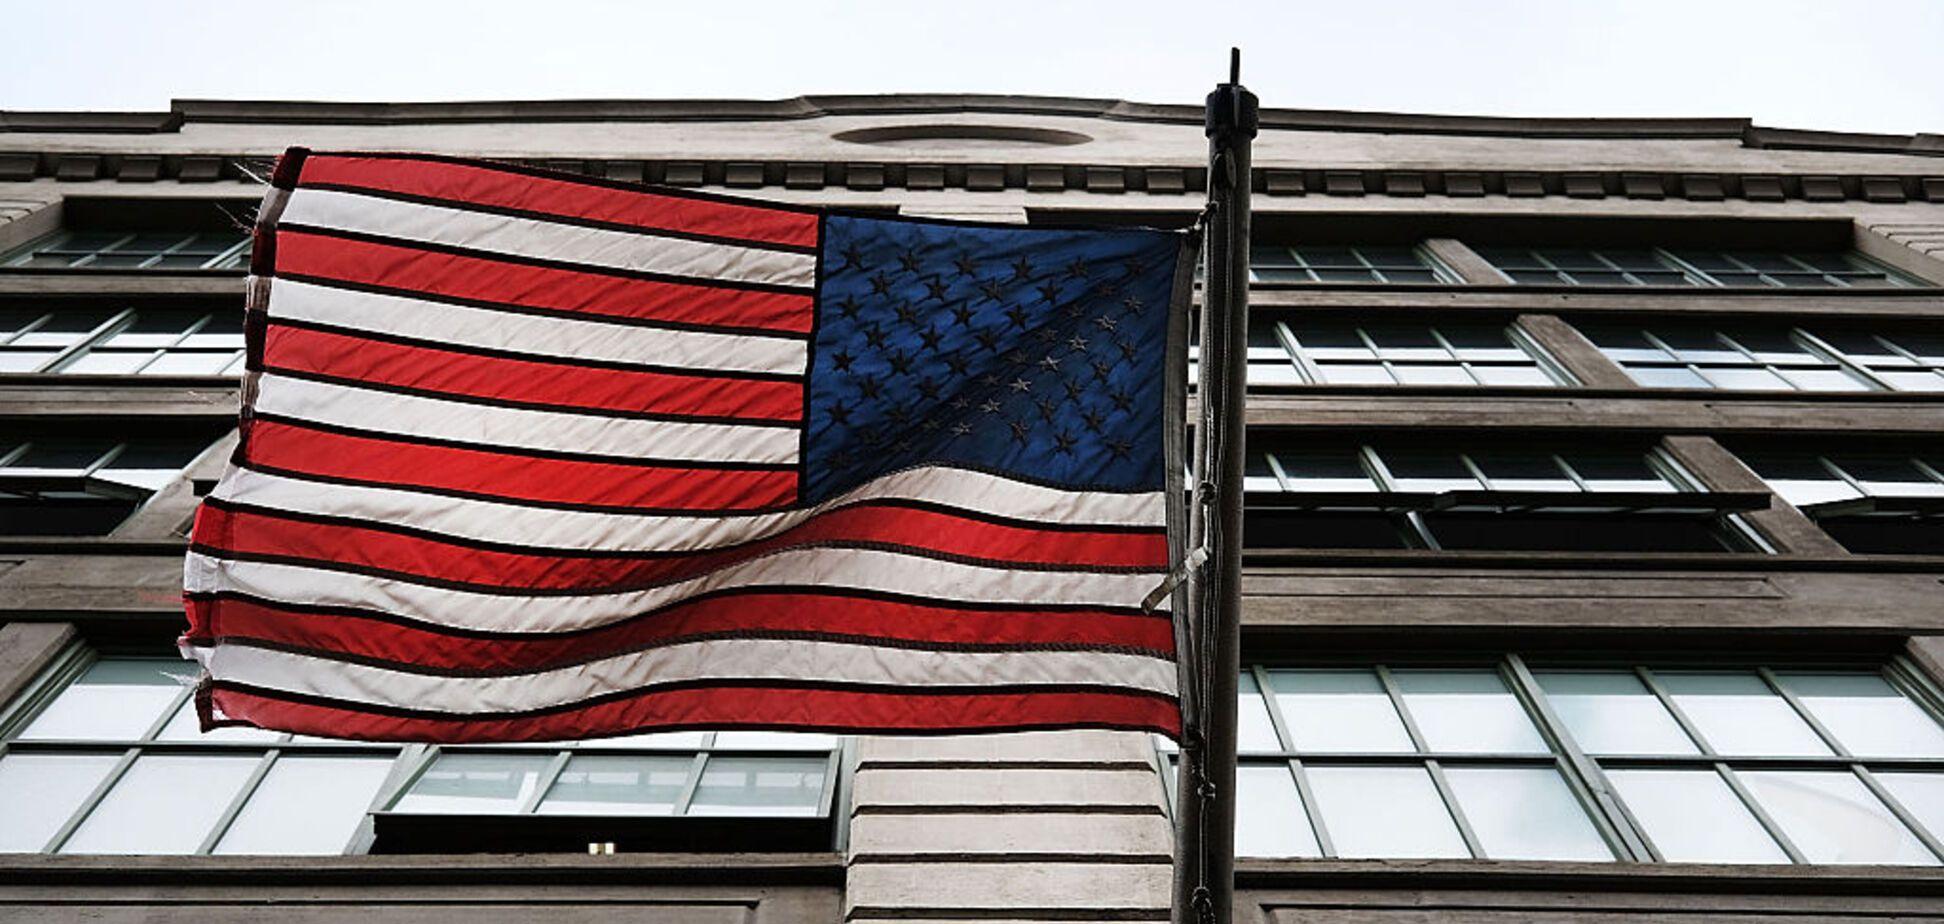 Остался последний шаг: экс-посол США сделал важное заявление о летальном оружии для Украины